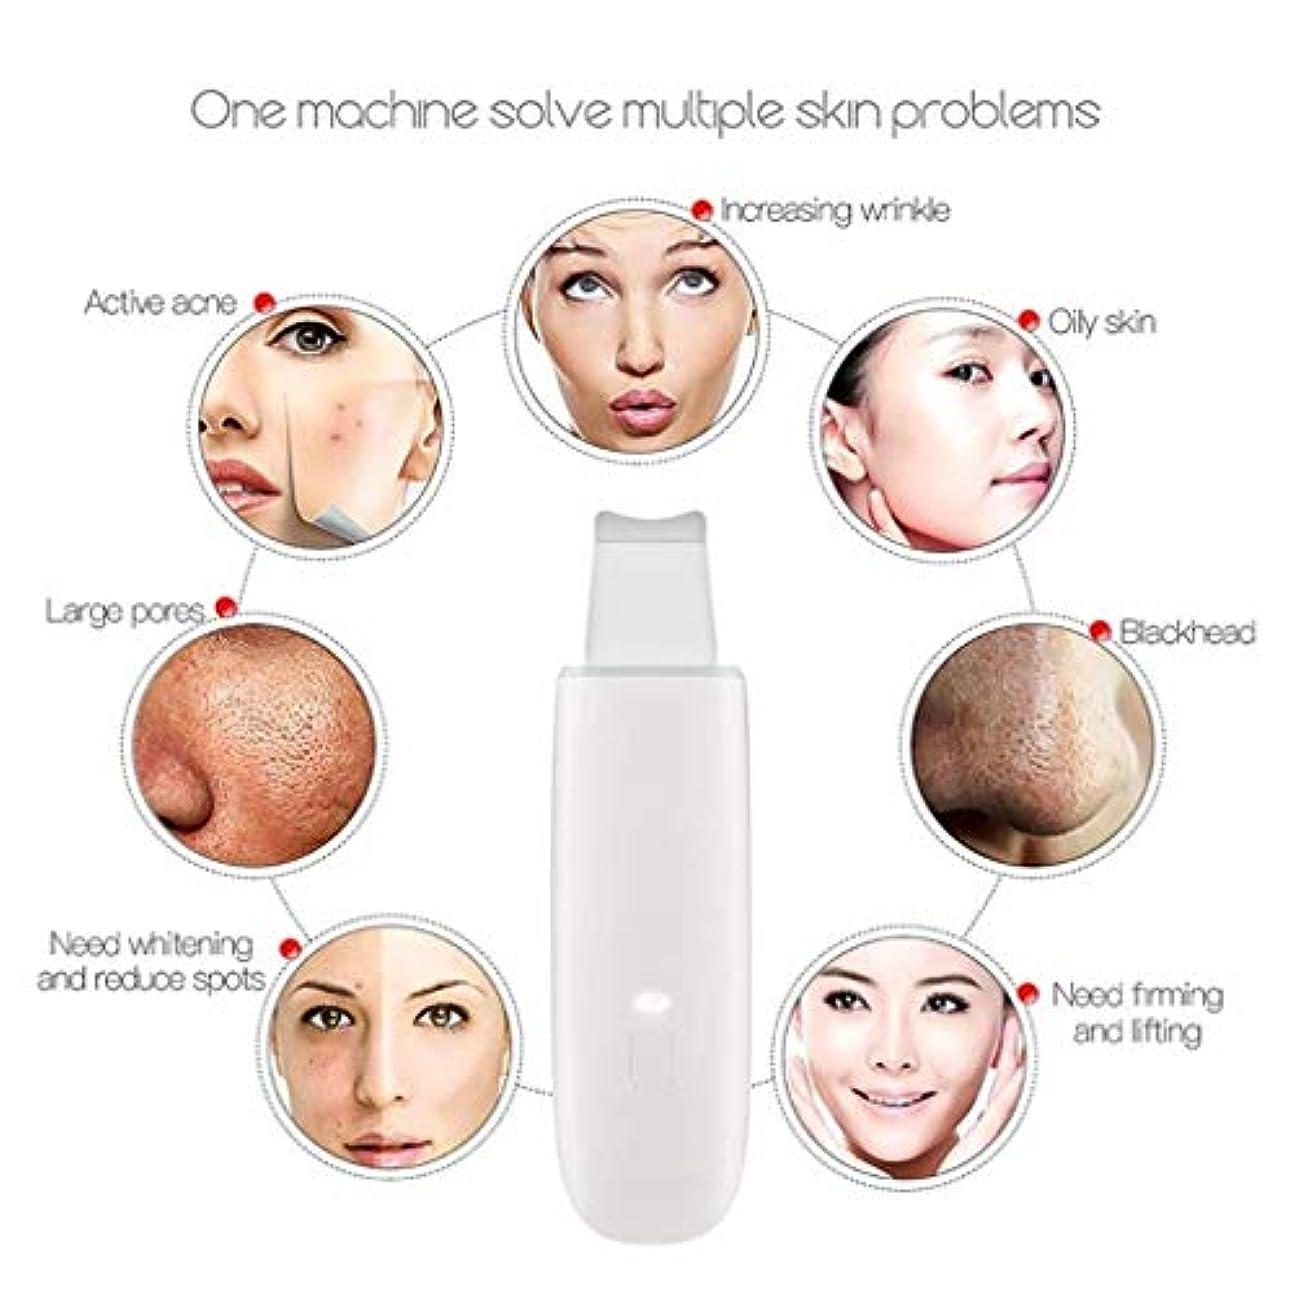 シャッタートライアスリートヘロイン顔の美のマッサージャー、顔のマッサージャー、微結晶の顔の修理の深いクリーニングの美装置、超音波顔持ち上がるマッサージャー